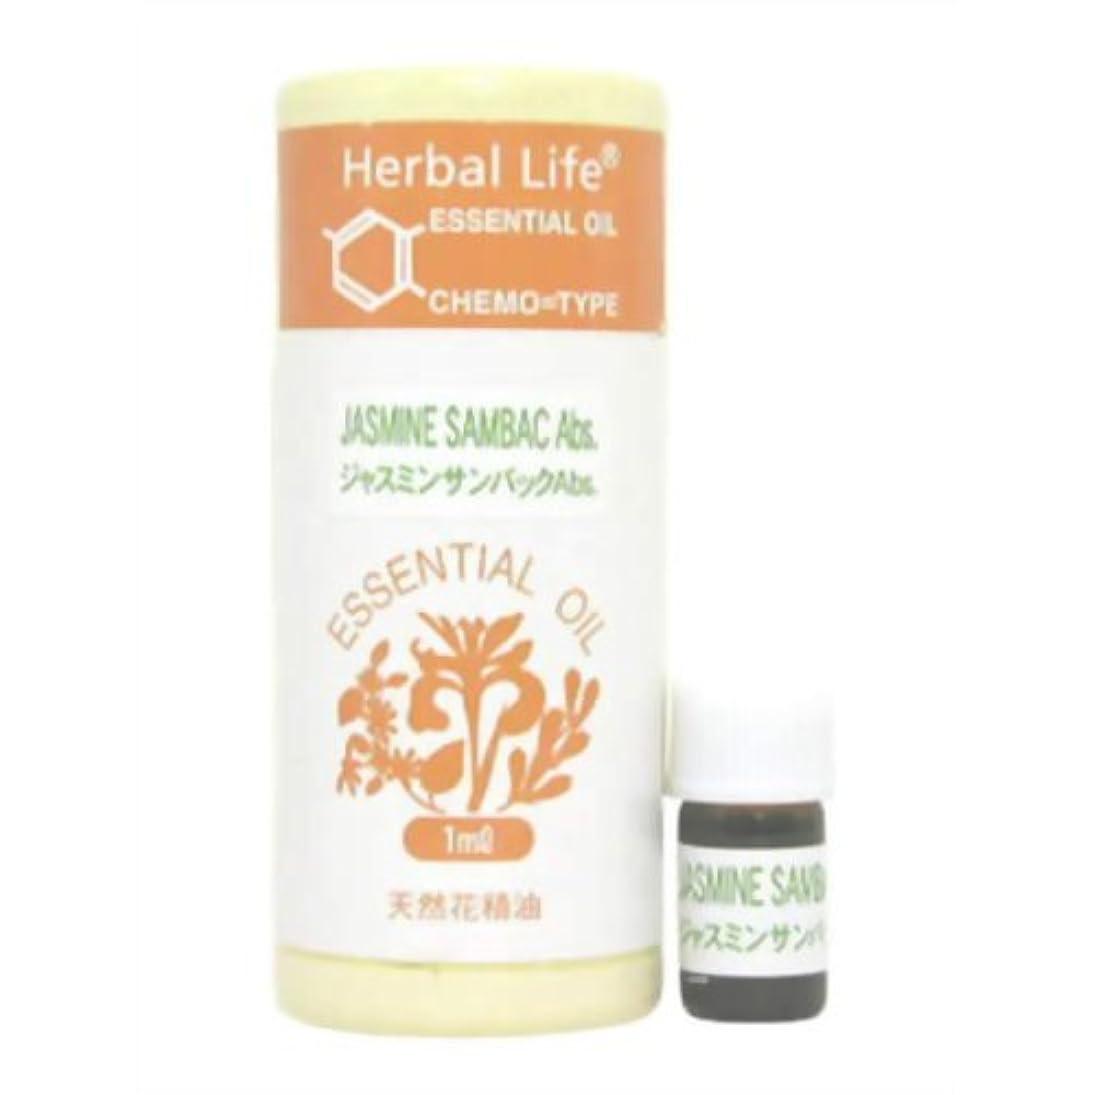 インシュレータ部分的改修生活の木 Herbal Life ジャスミンサンバックAbs 1ml